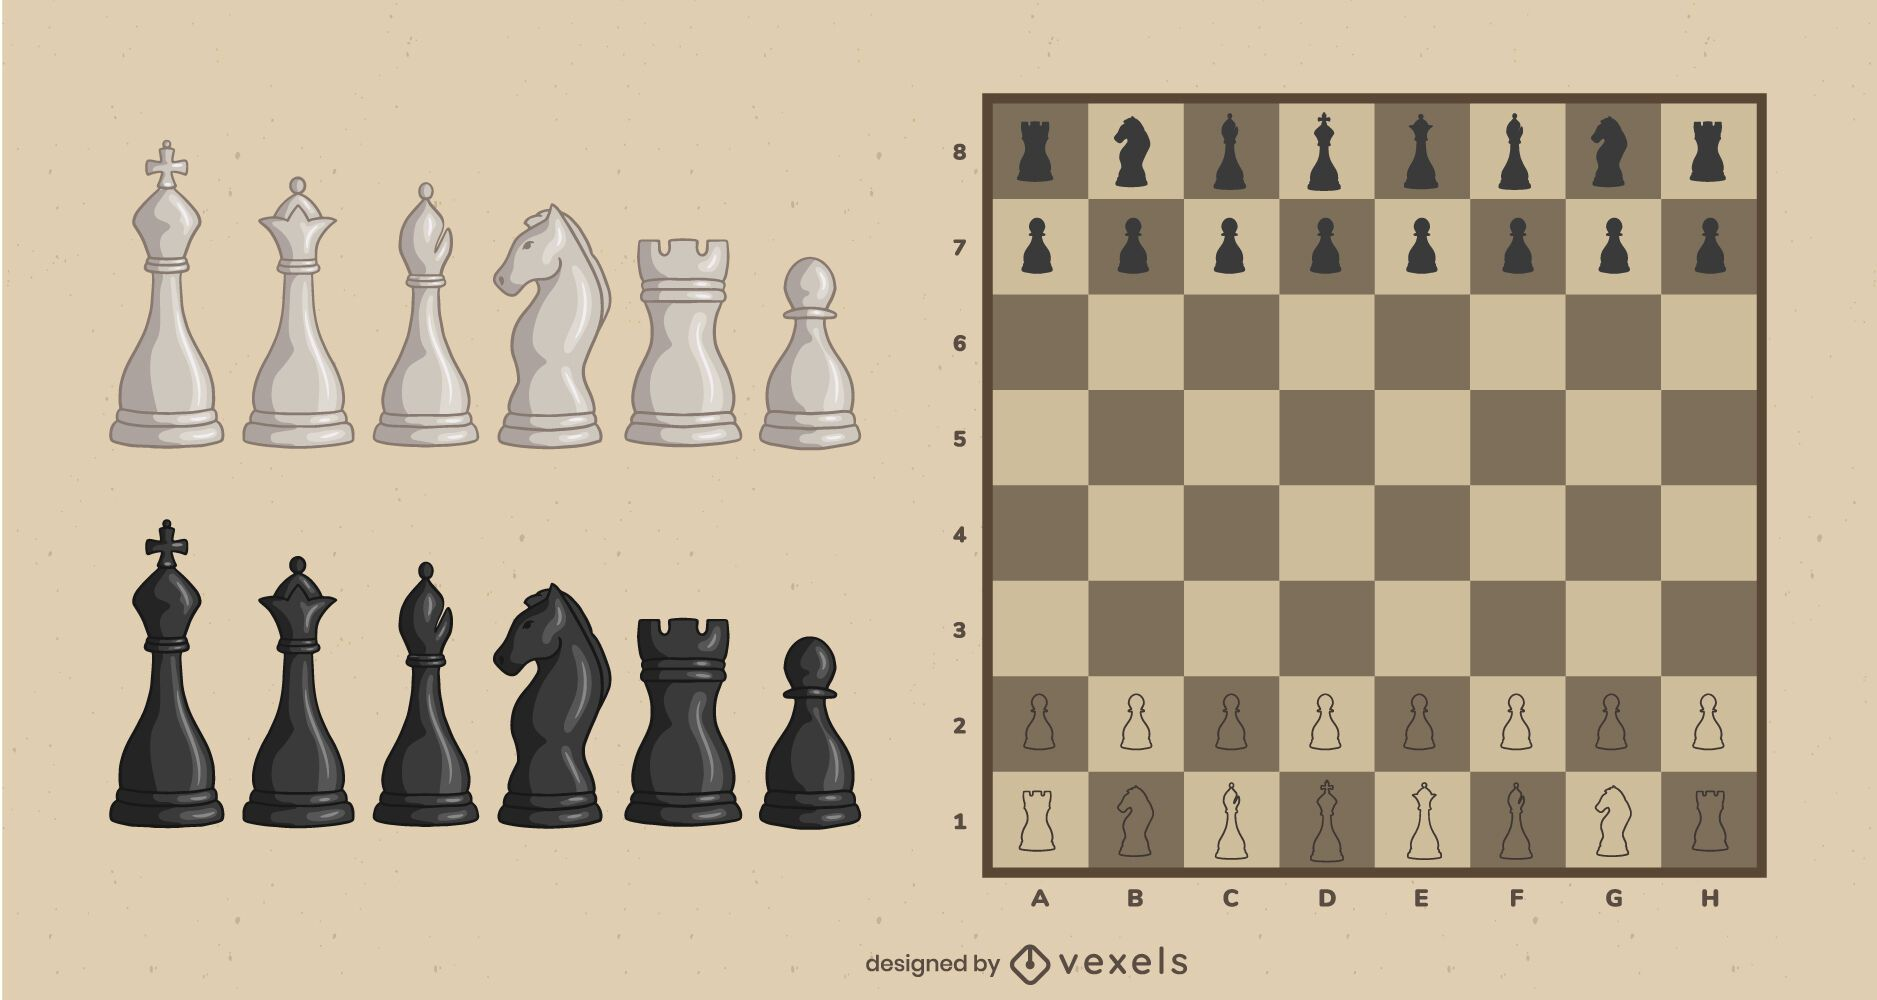 Juego de piezas de ajedrez ilustradas clásicas